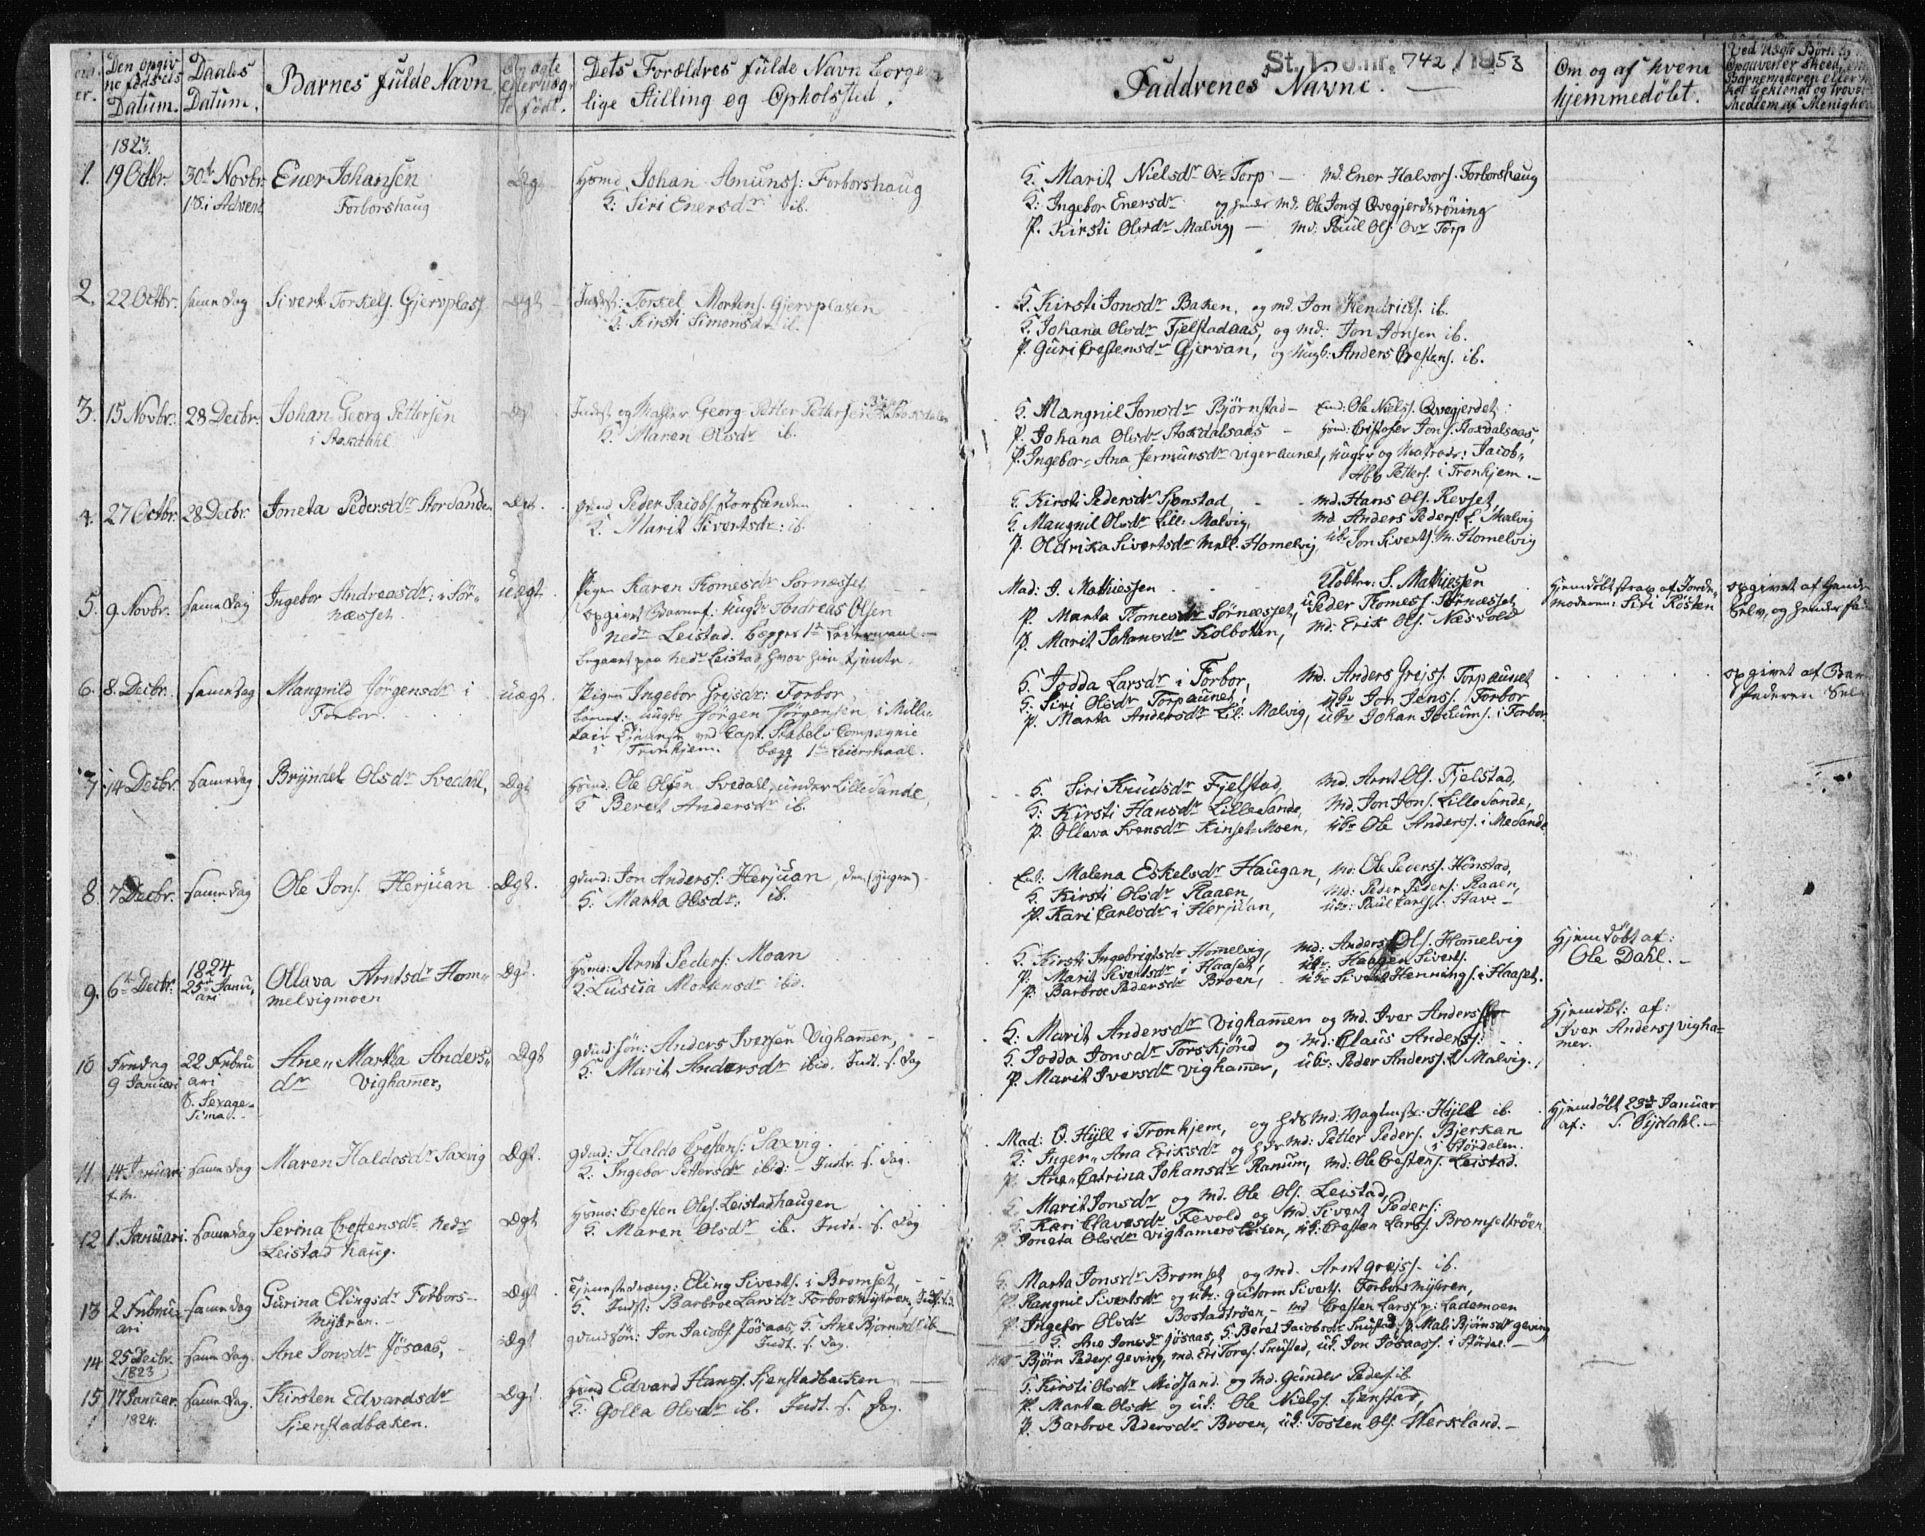 SAT, Ministerialprotokoller, klokkerbøker og fødselsregistre - Sør-Trøndelag, 616/L0404: Ministerialbok nr. 616A01, 1823-1831, s. 2